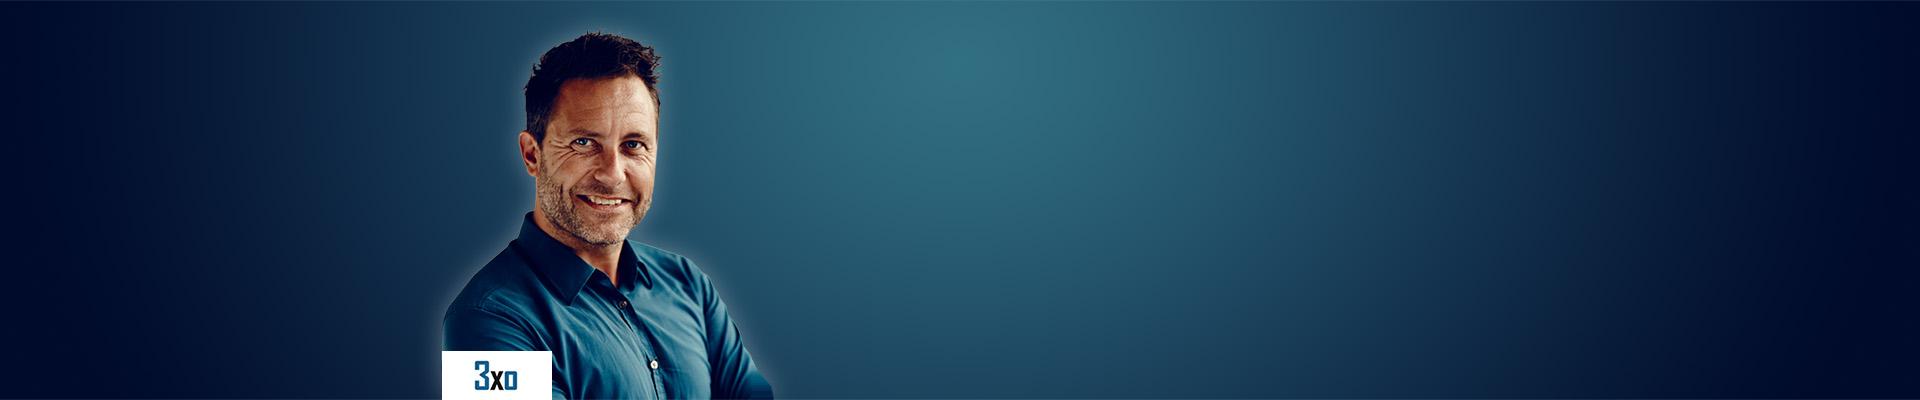 Mand står foran blå gradueret baggrund med logo